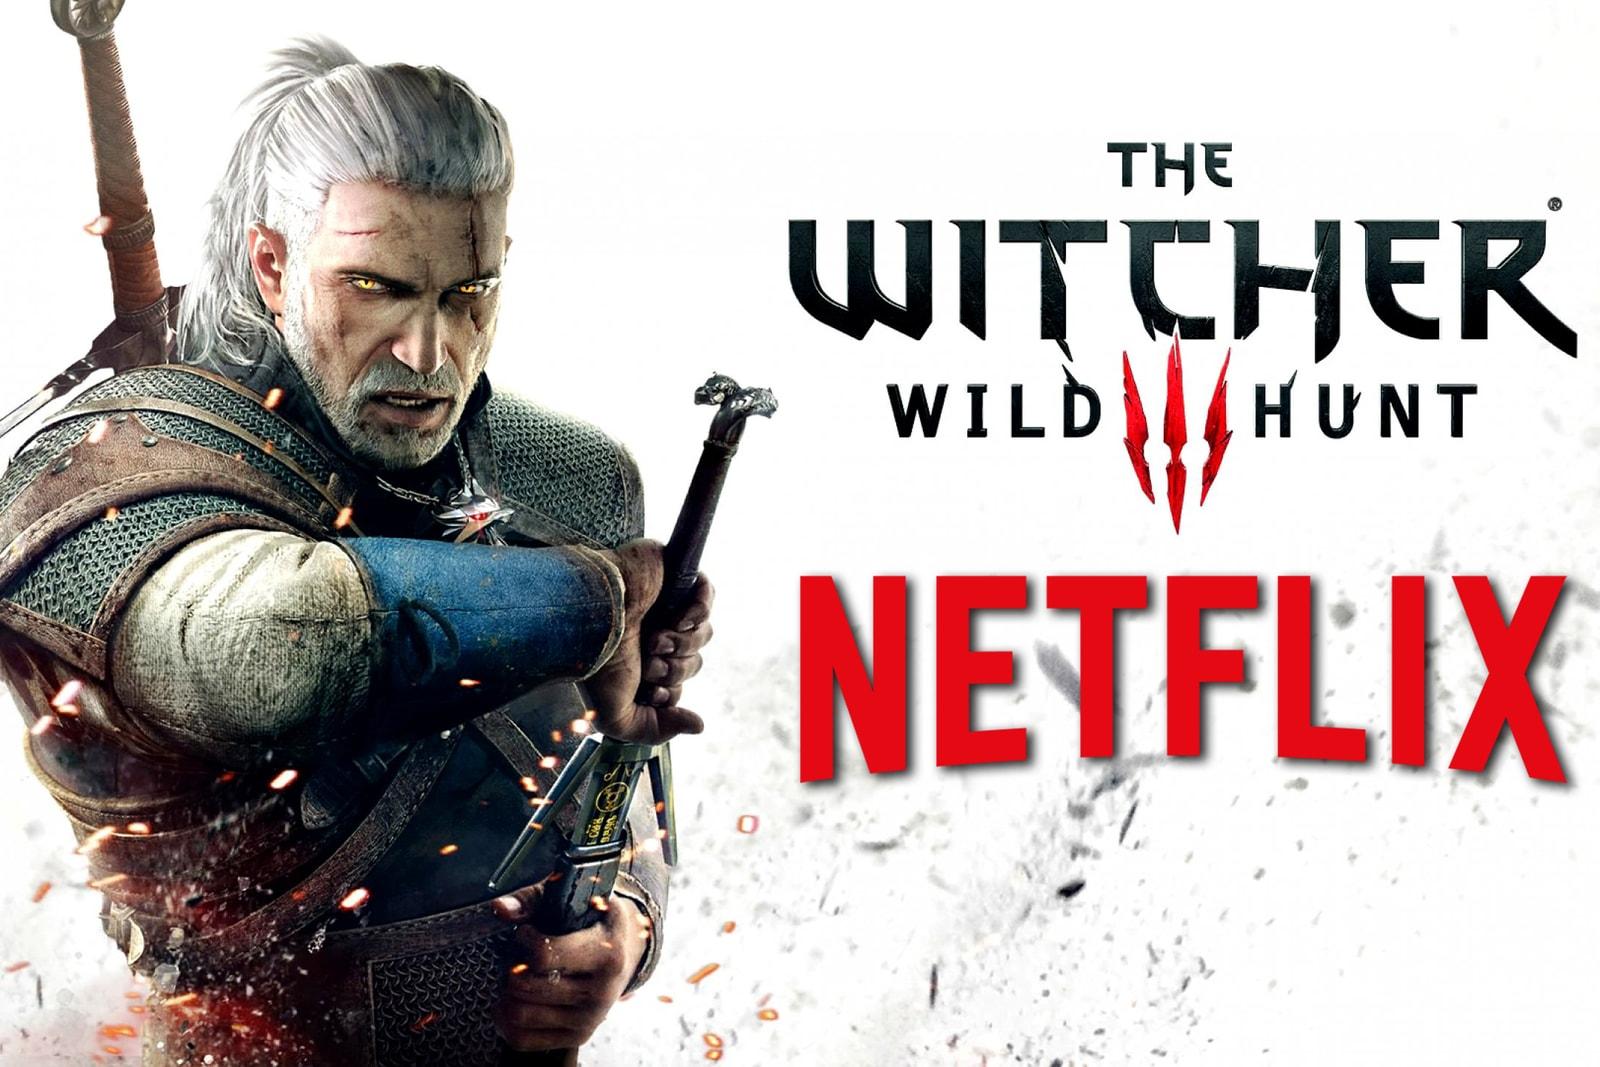 深入了解 - Netflix 計劃製作《The Witcher》改編劇集的背後